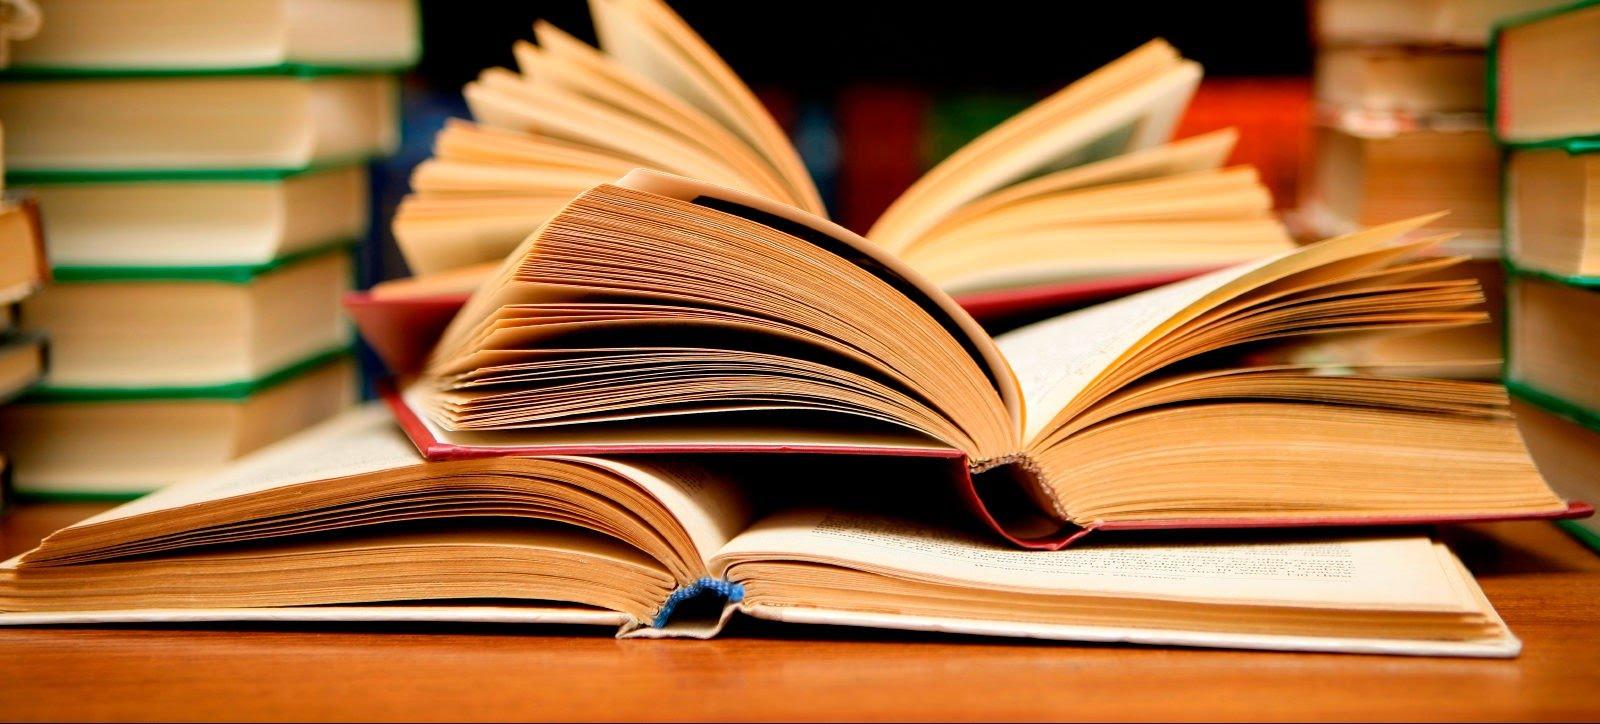 ТОП 5 книг о Дропшиппинге в 2018 году. То что вы обязательно должны прочитать